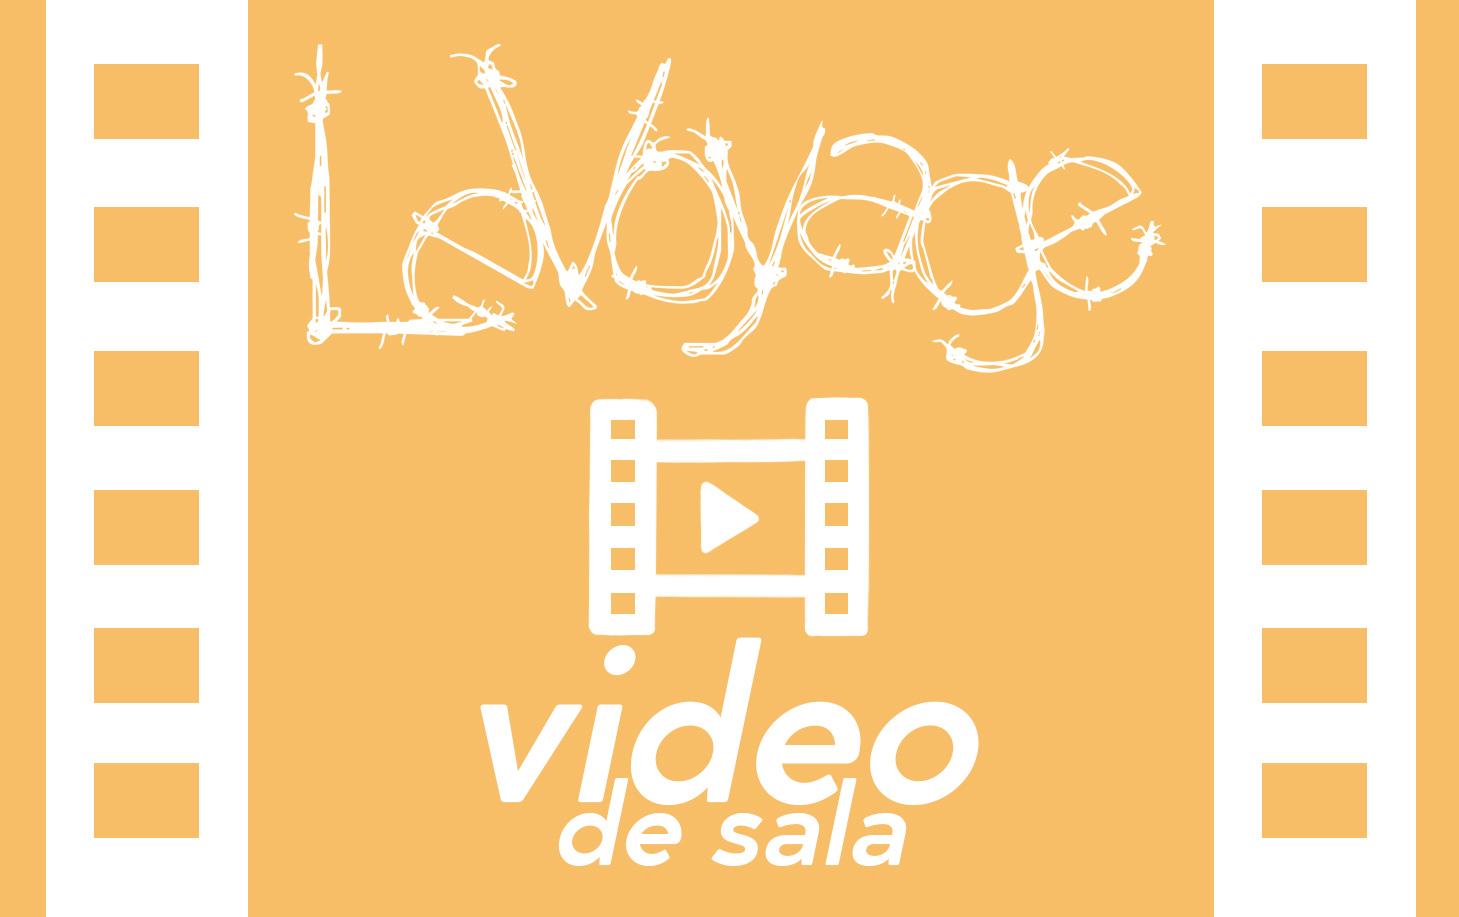 VIDEO LEVOYAGE de sala